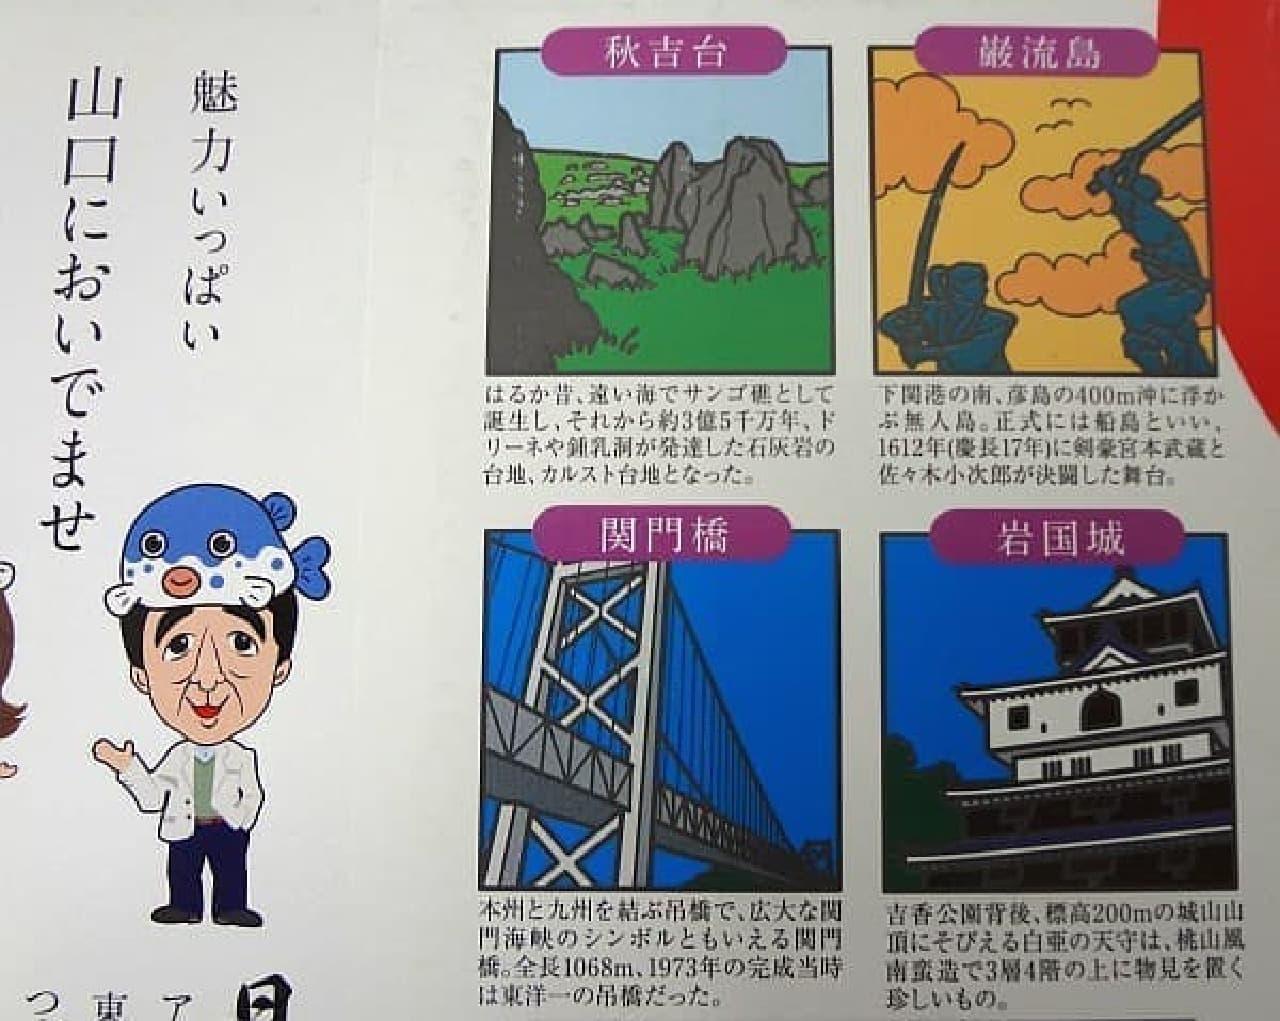 パッケージの背面にはなぜか、山口県の観光案内が書かれています